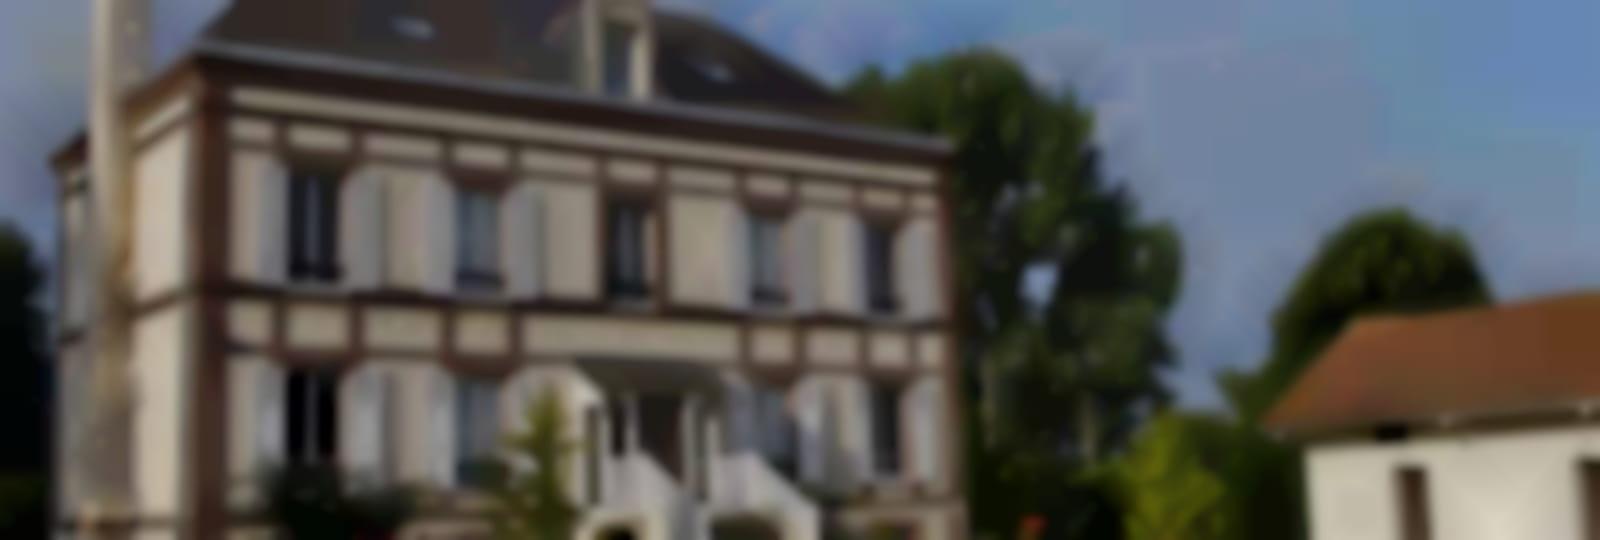 Gingko Hôtel